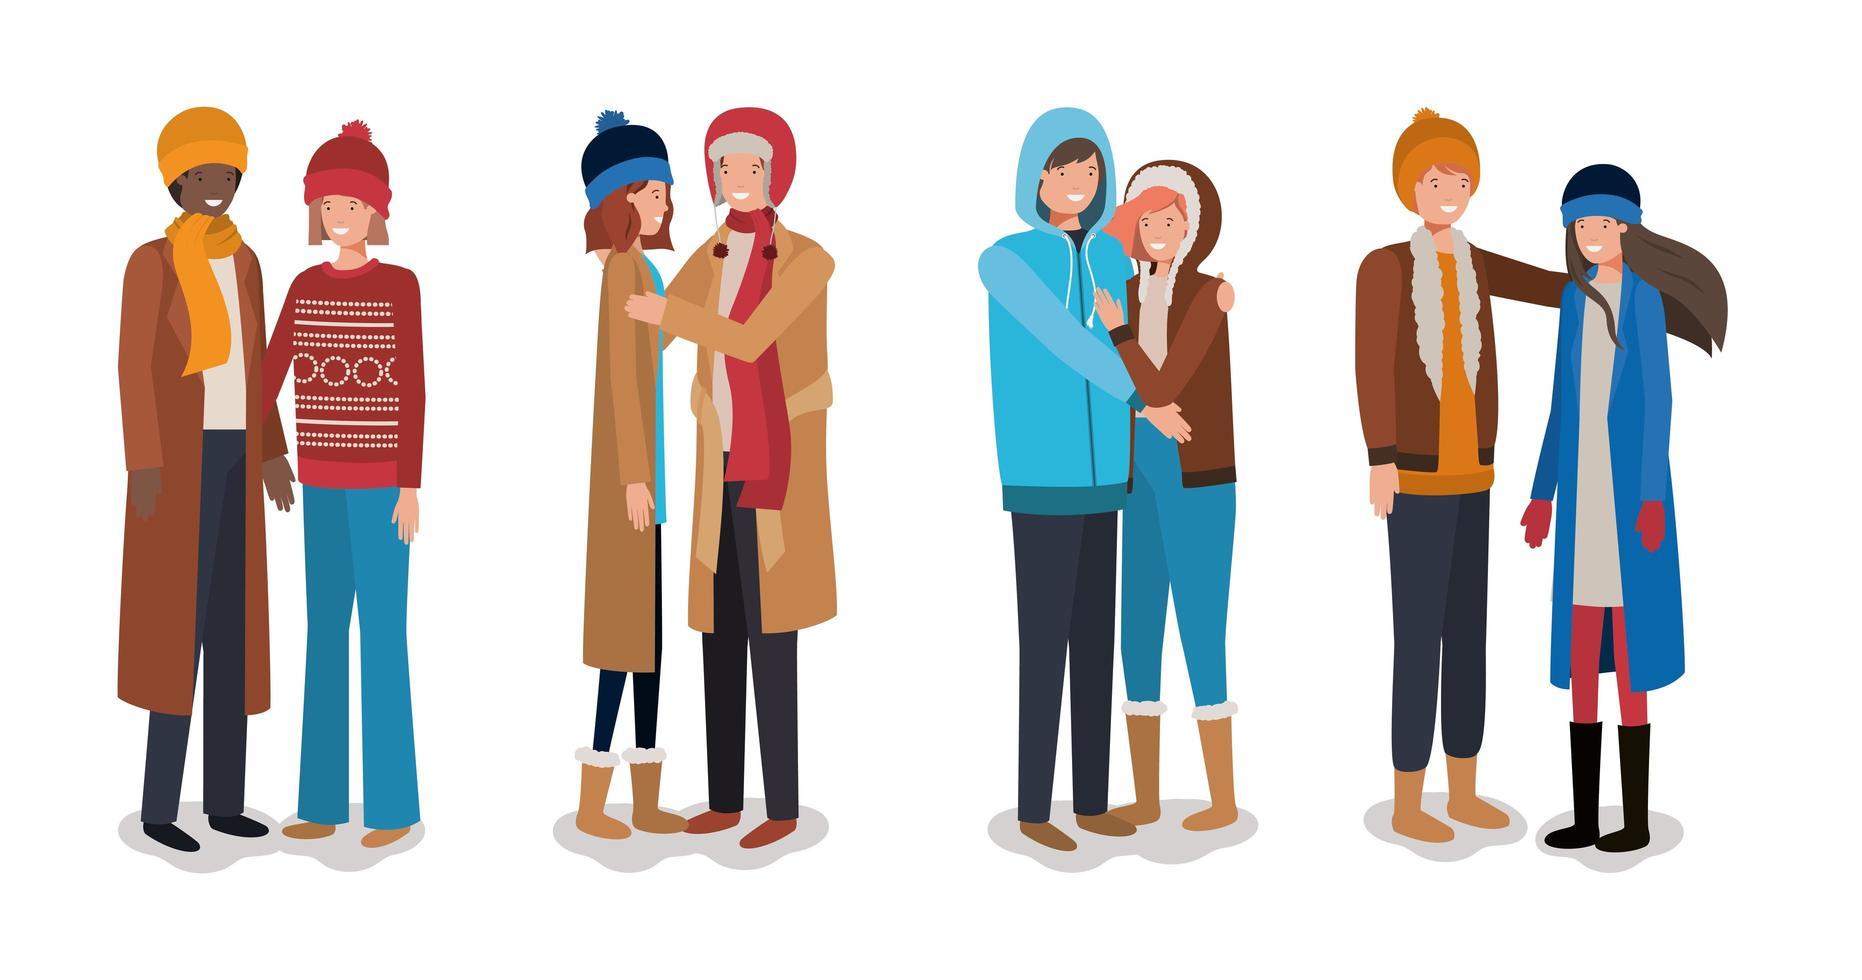 jonge stellen met karakters van winterkleren vector